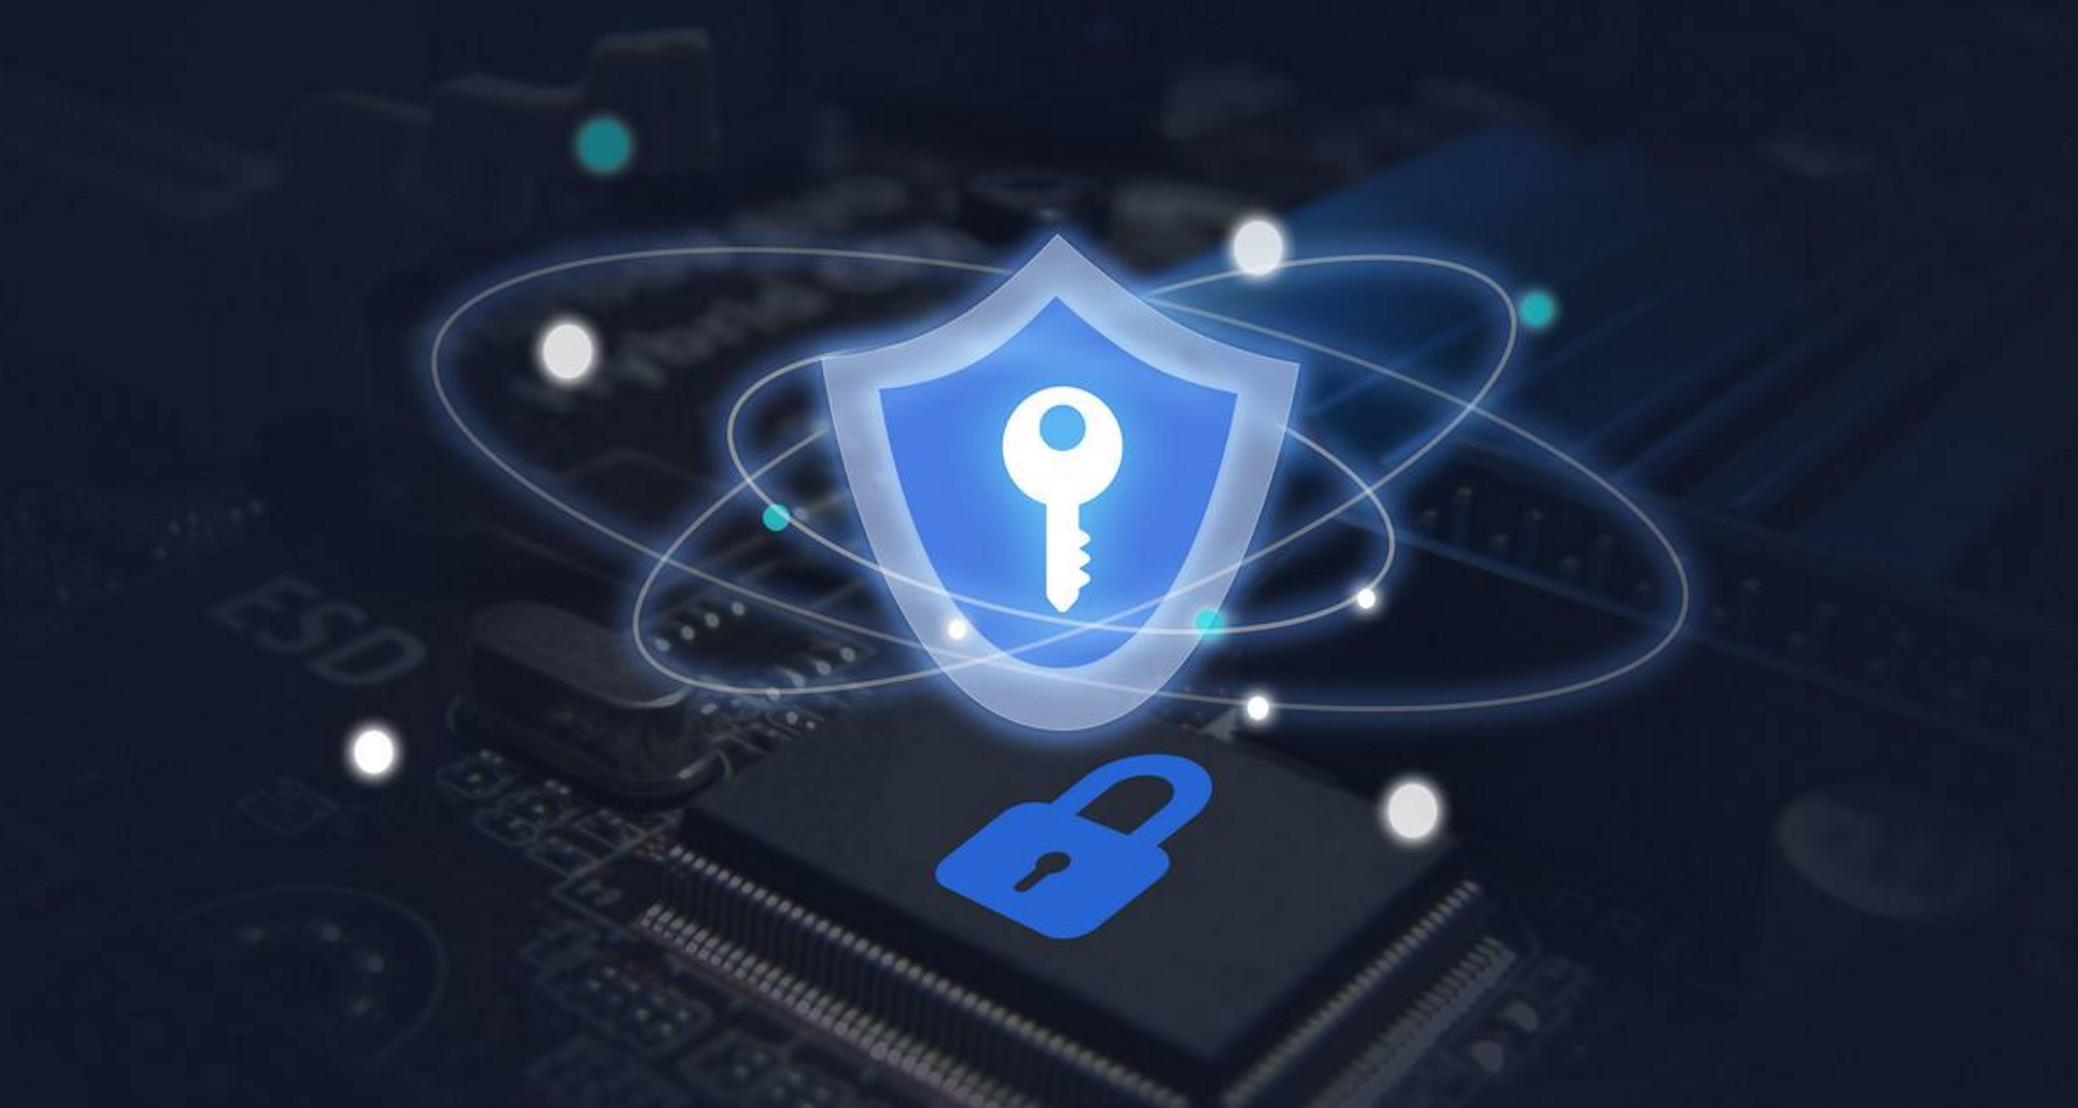 德国莱茵tuv 专家独家解读:工业控制信息安全现状及解决方案